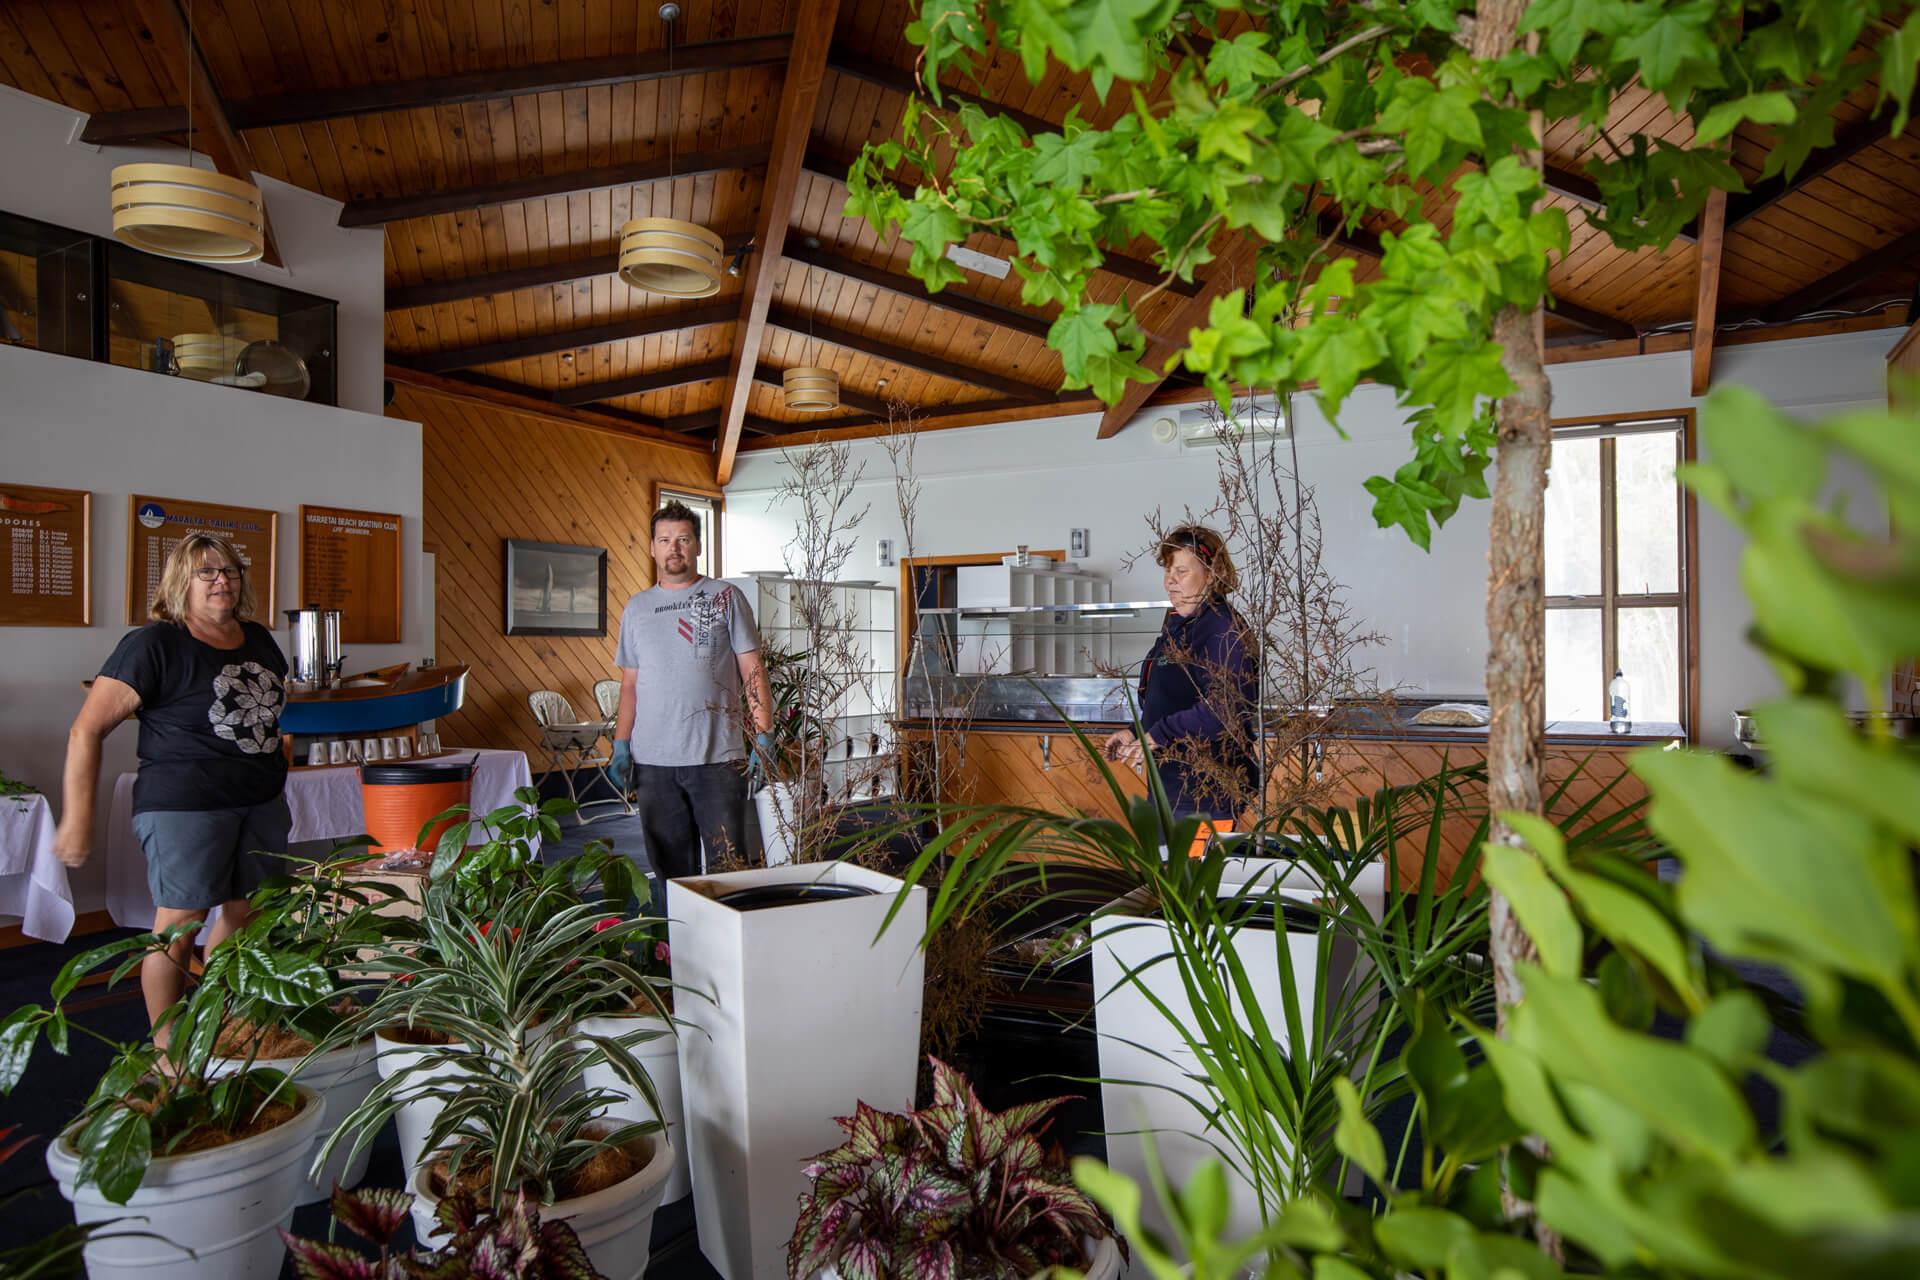 indoor-plant-hire-mbbc-182A9501